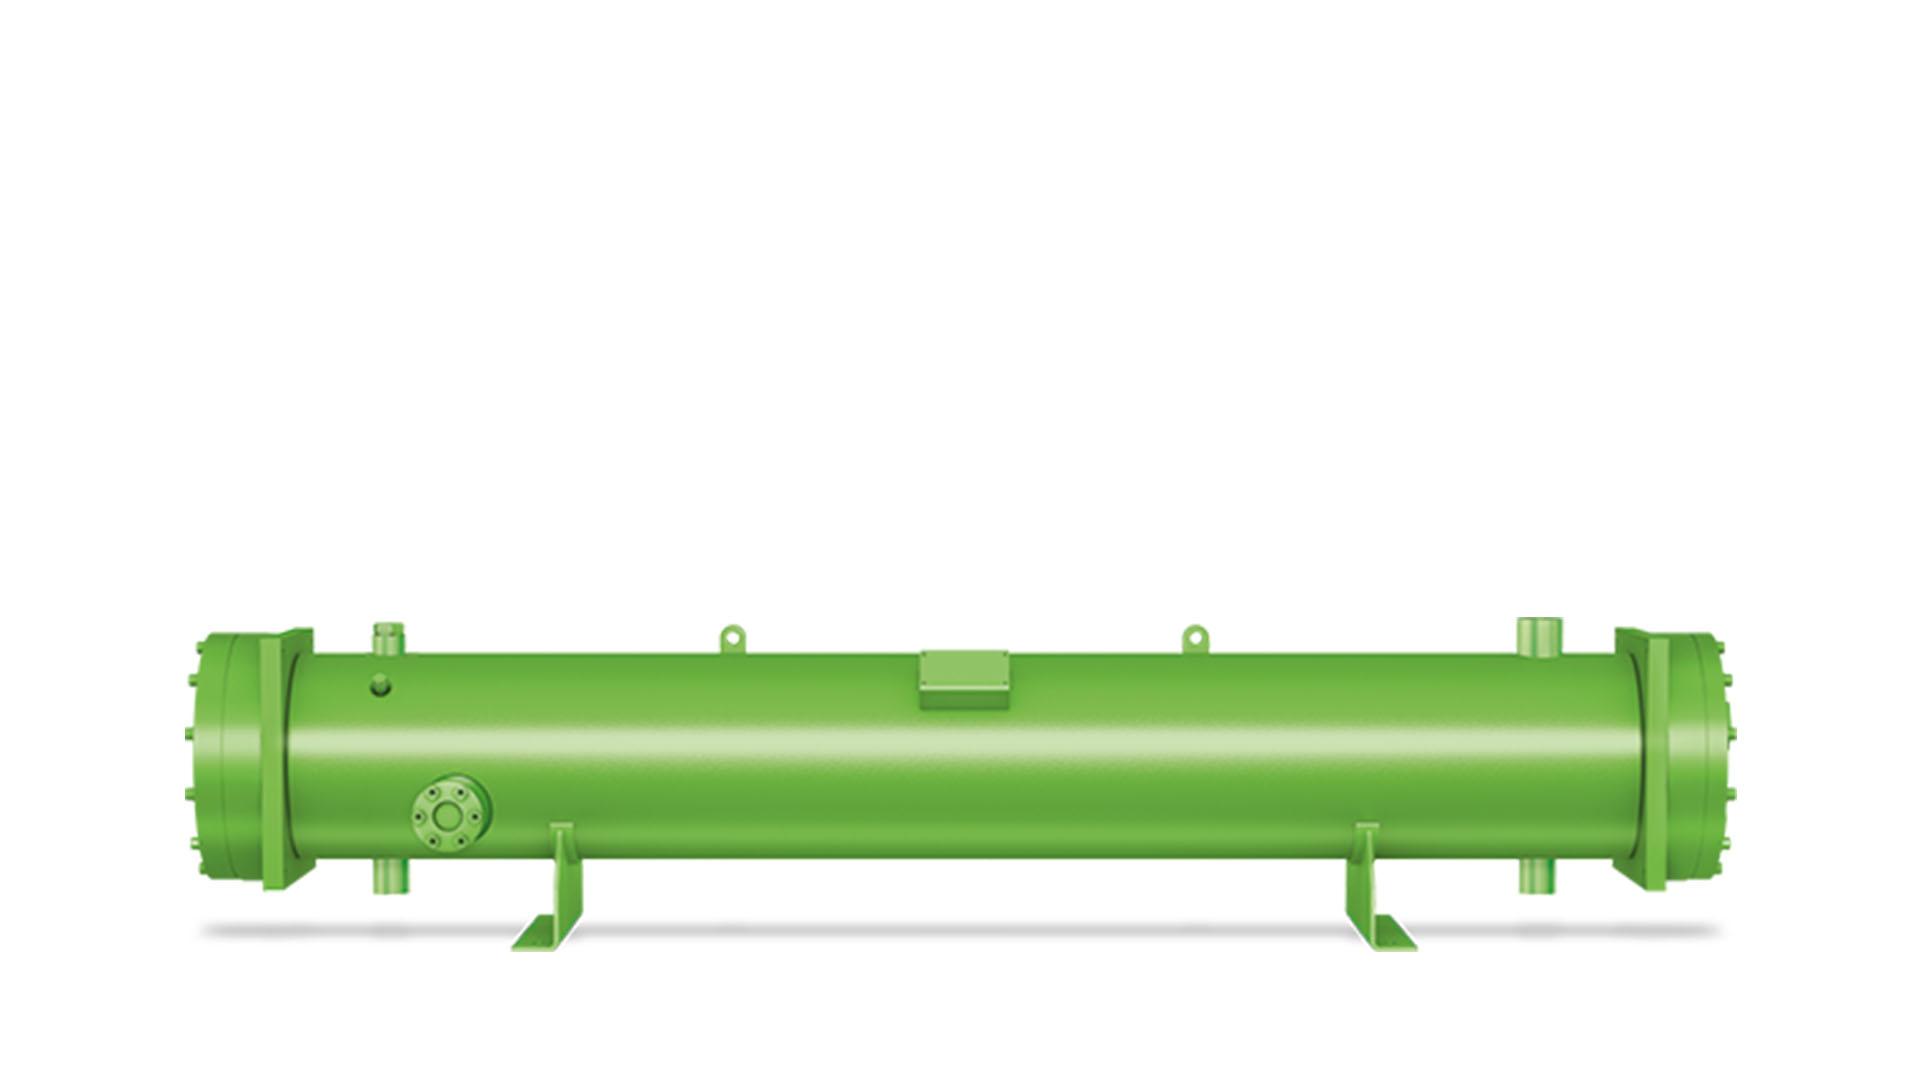 Bitzer Sea Water Cooled Condenser